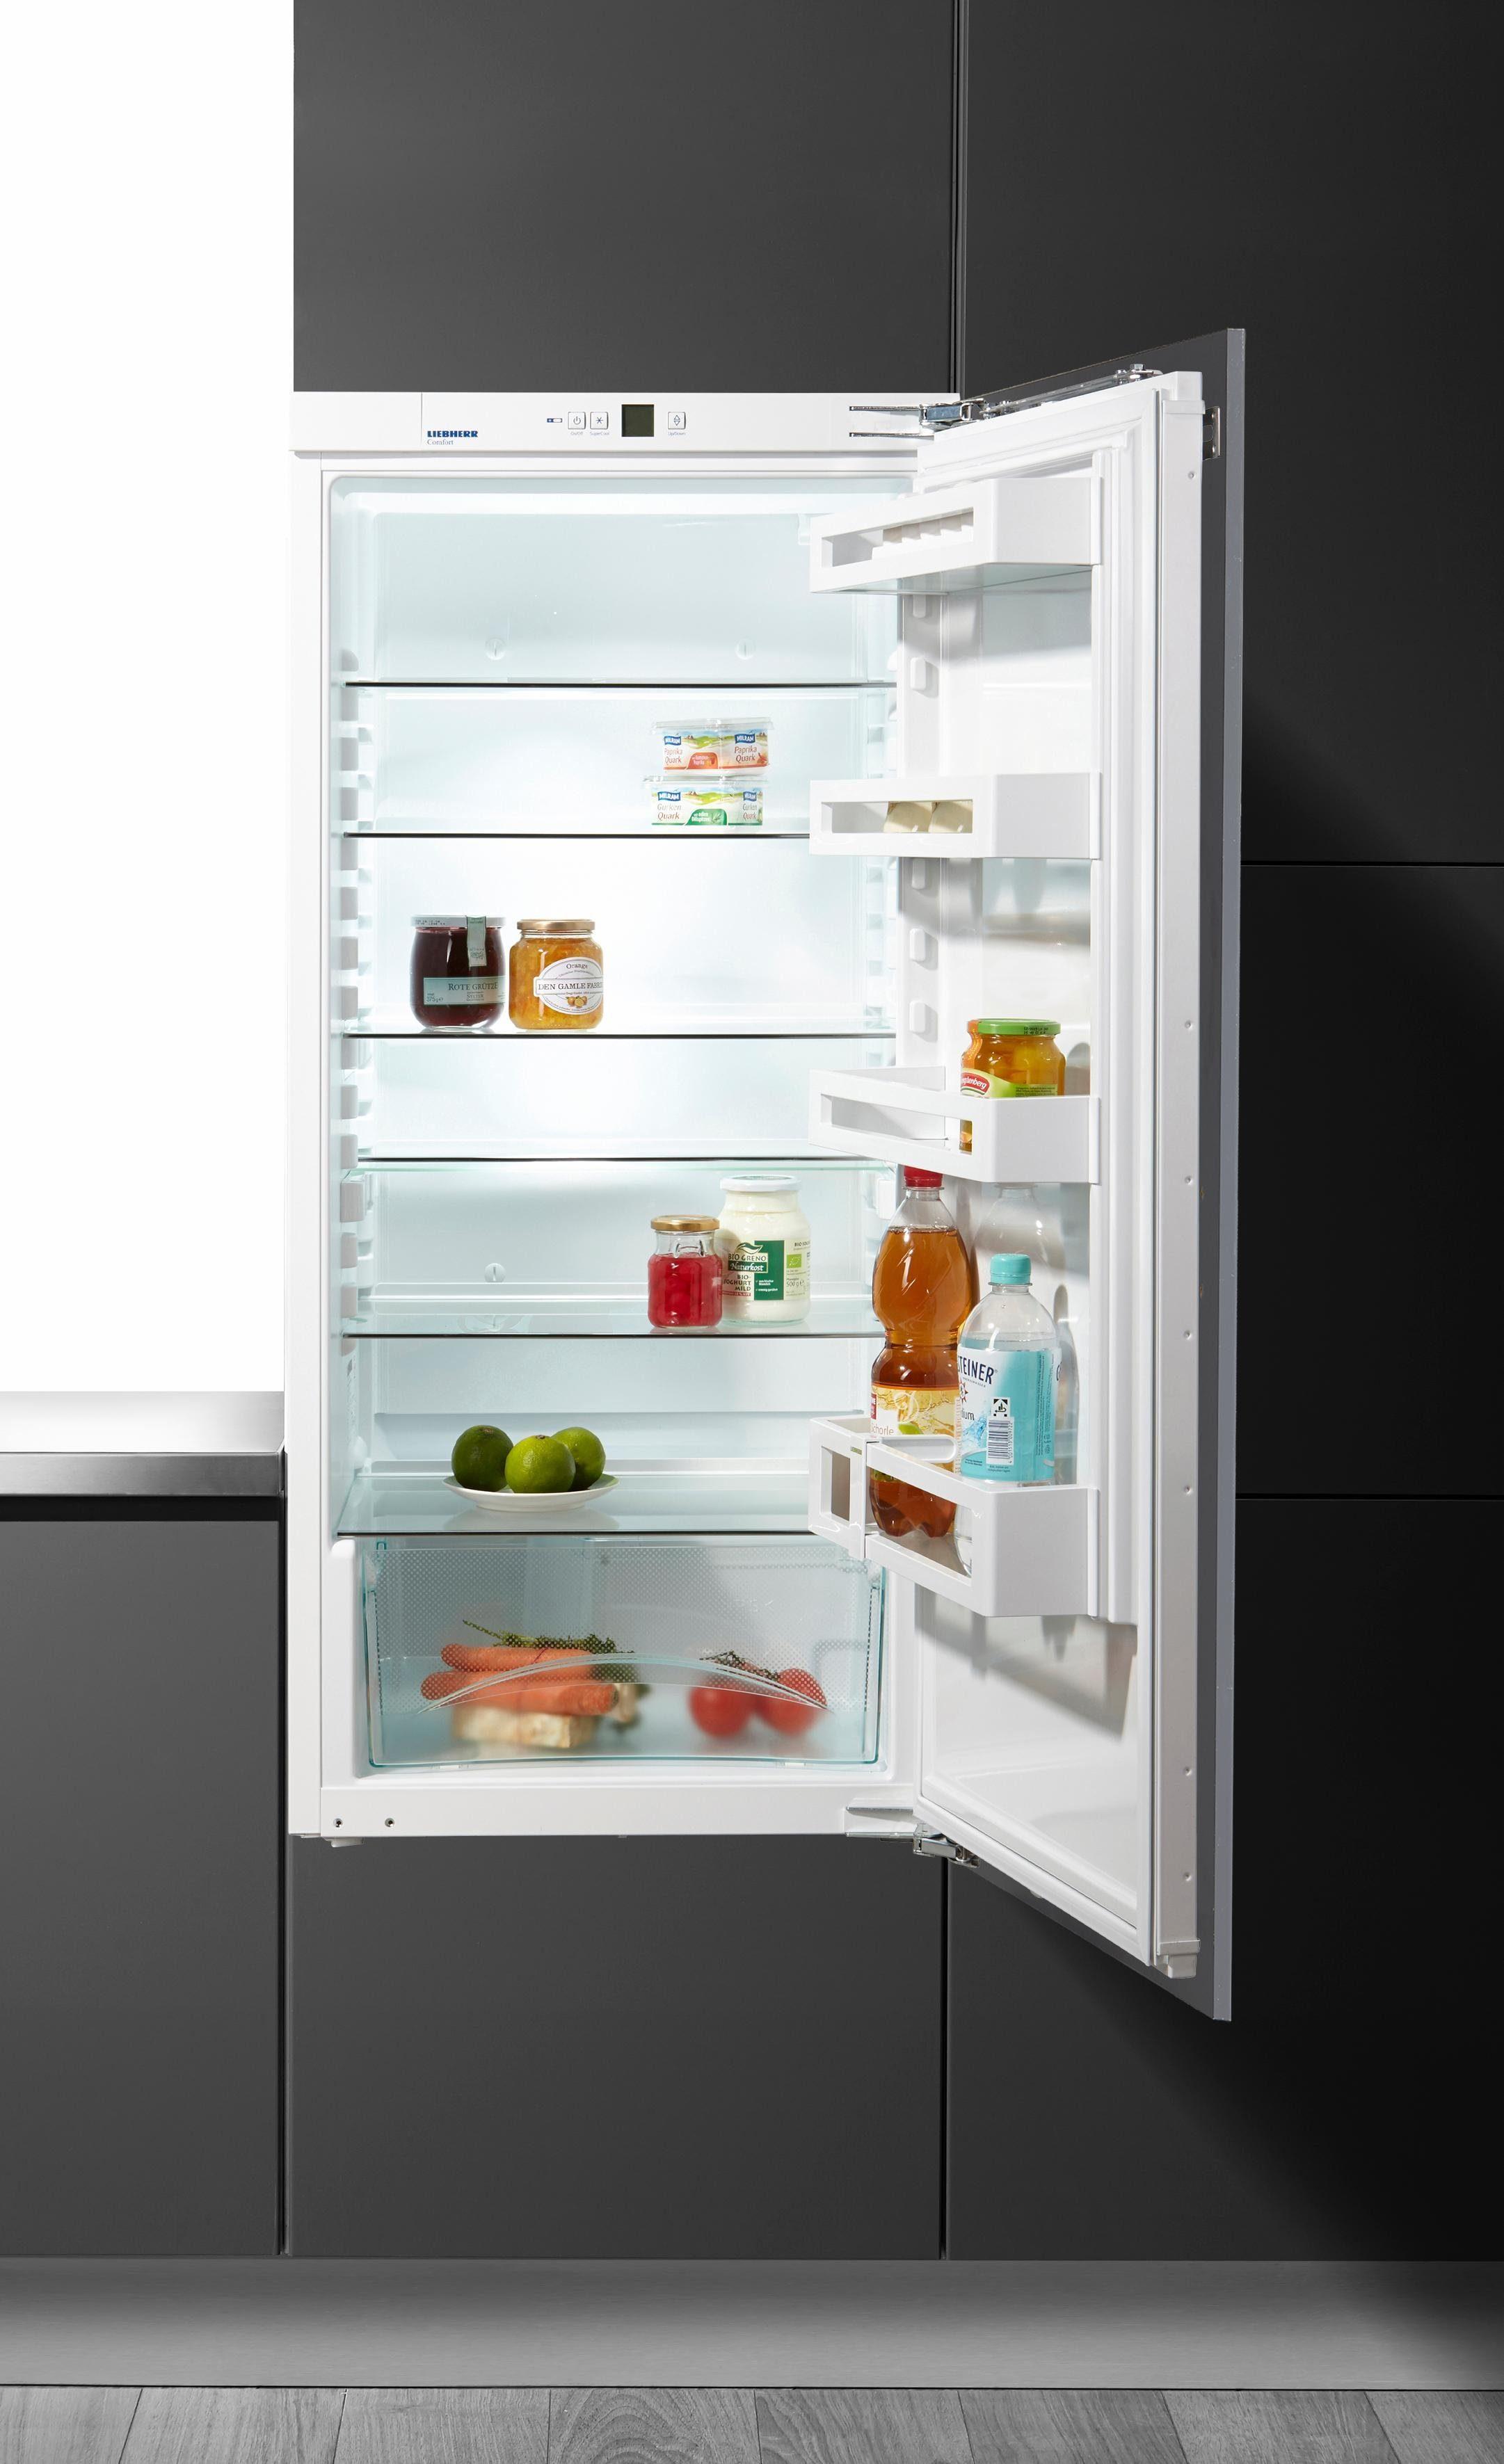 Liebherr integrierbarer Einbau-Kühlschrank IK 2310, A++, 121,8 cm hoch